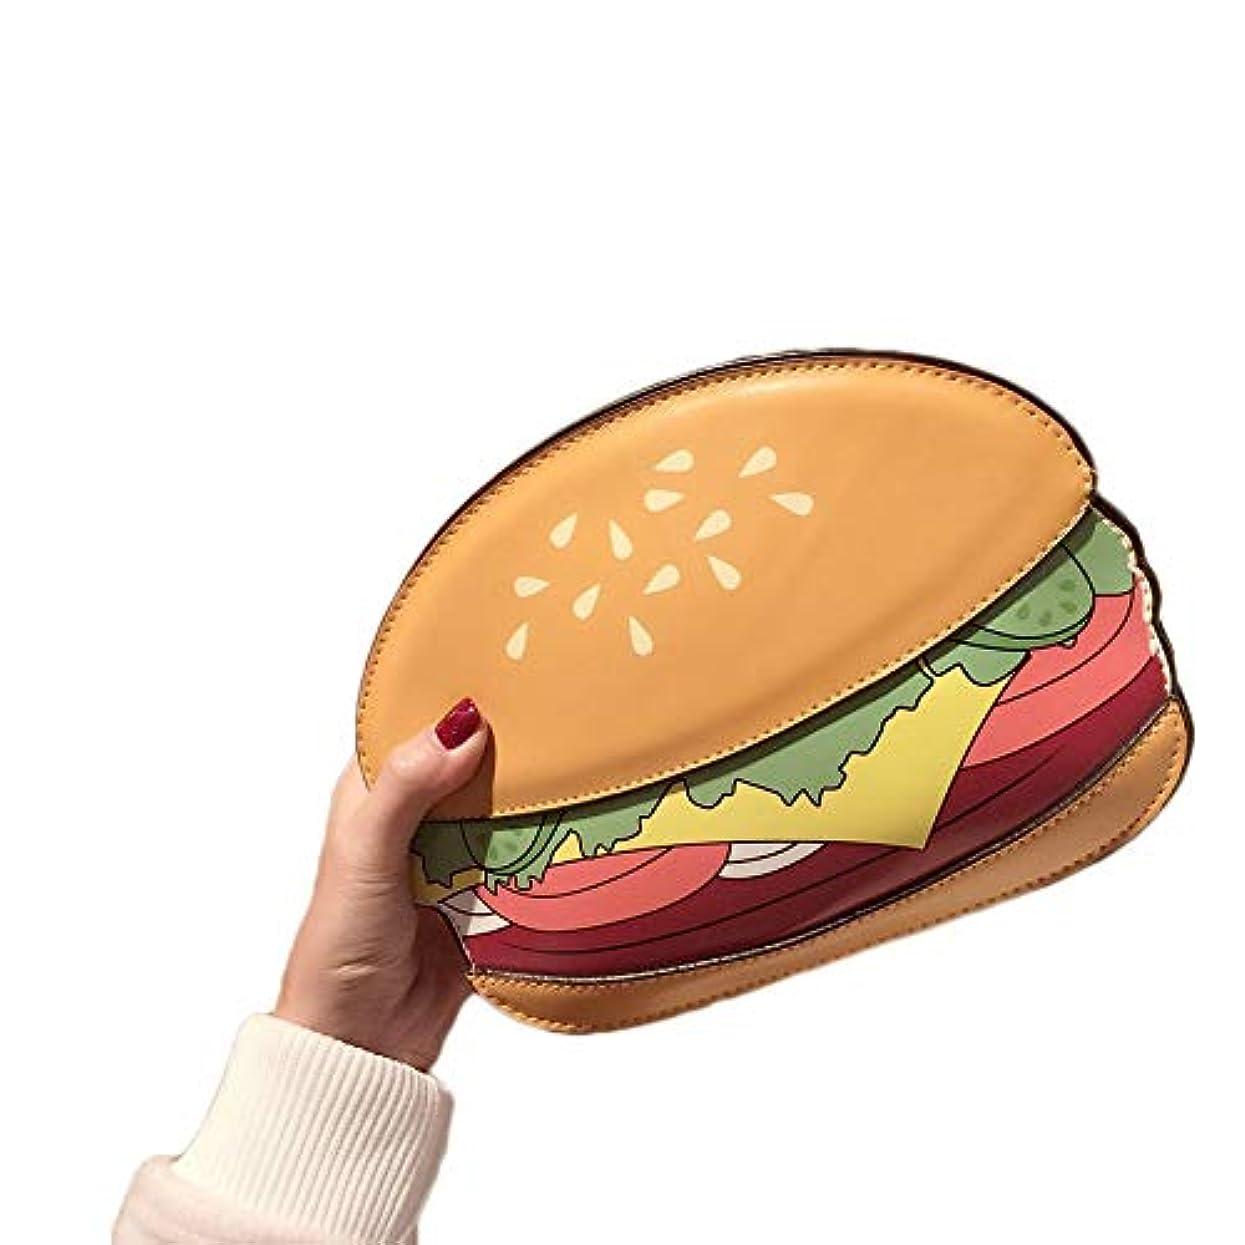 図書館説得嘆く女性用バッグNew Food Series Hamburger Fries Popcorn Shoulder Diagonal Chain Bag-Multicolor-Burger